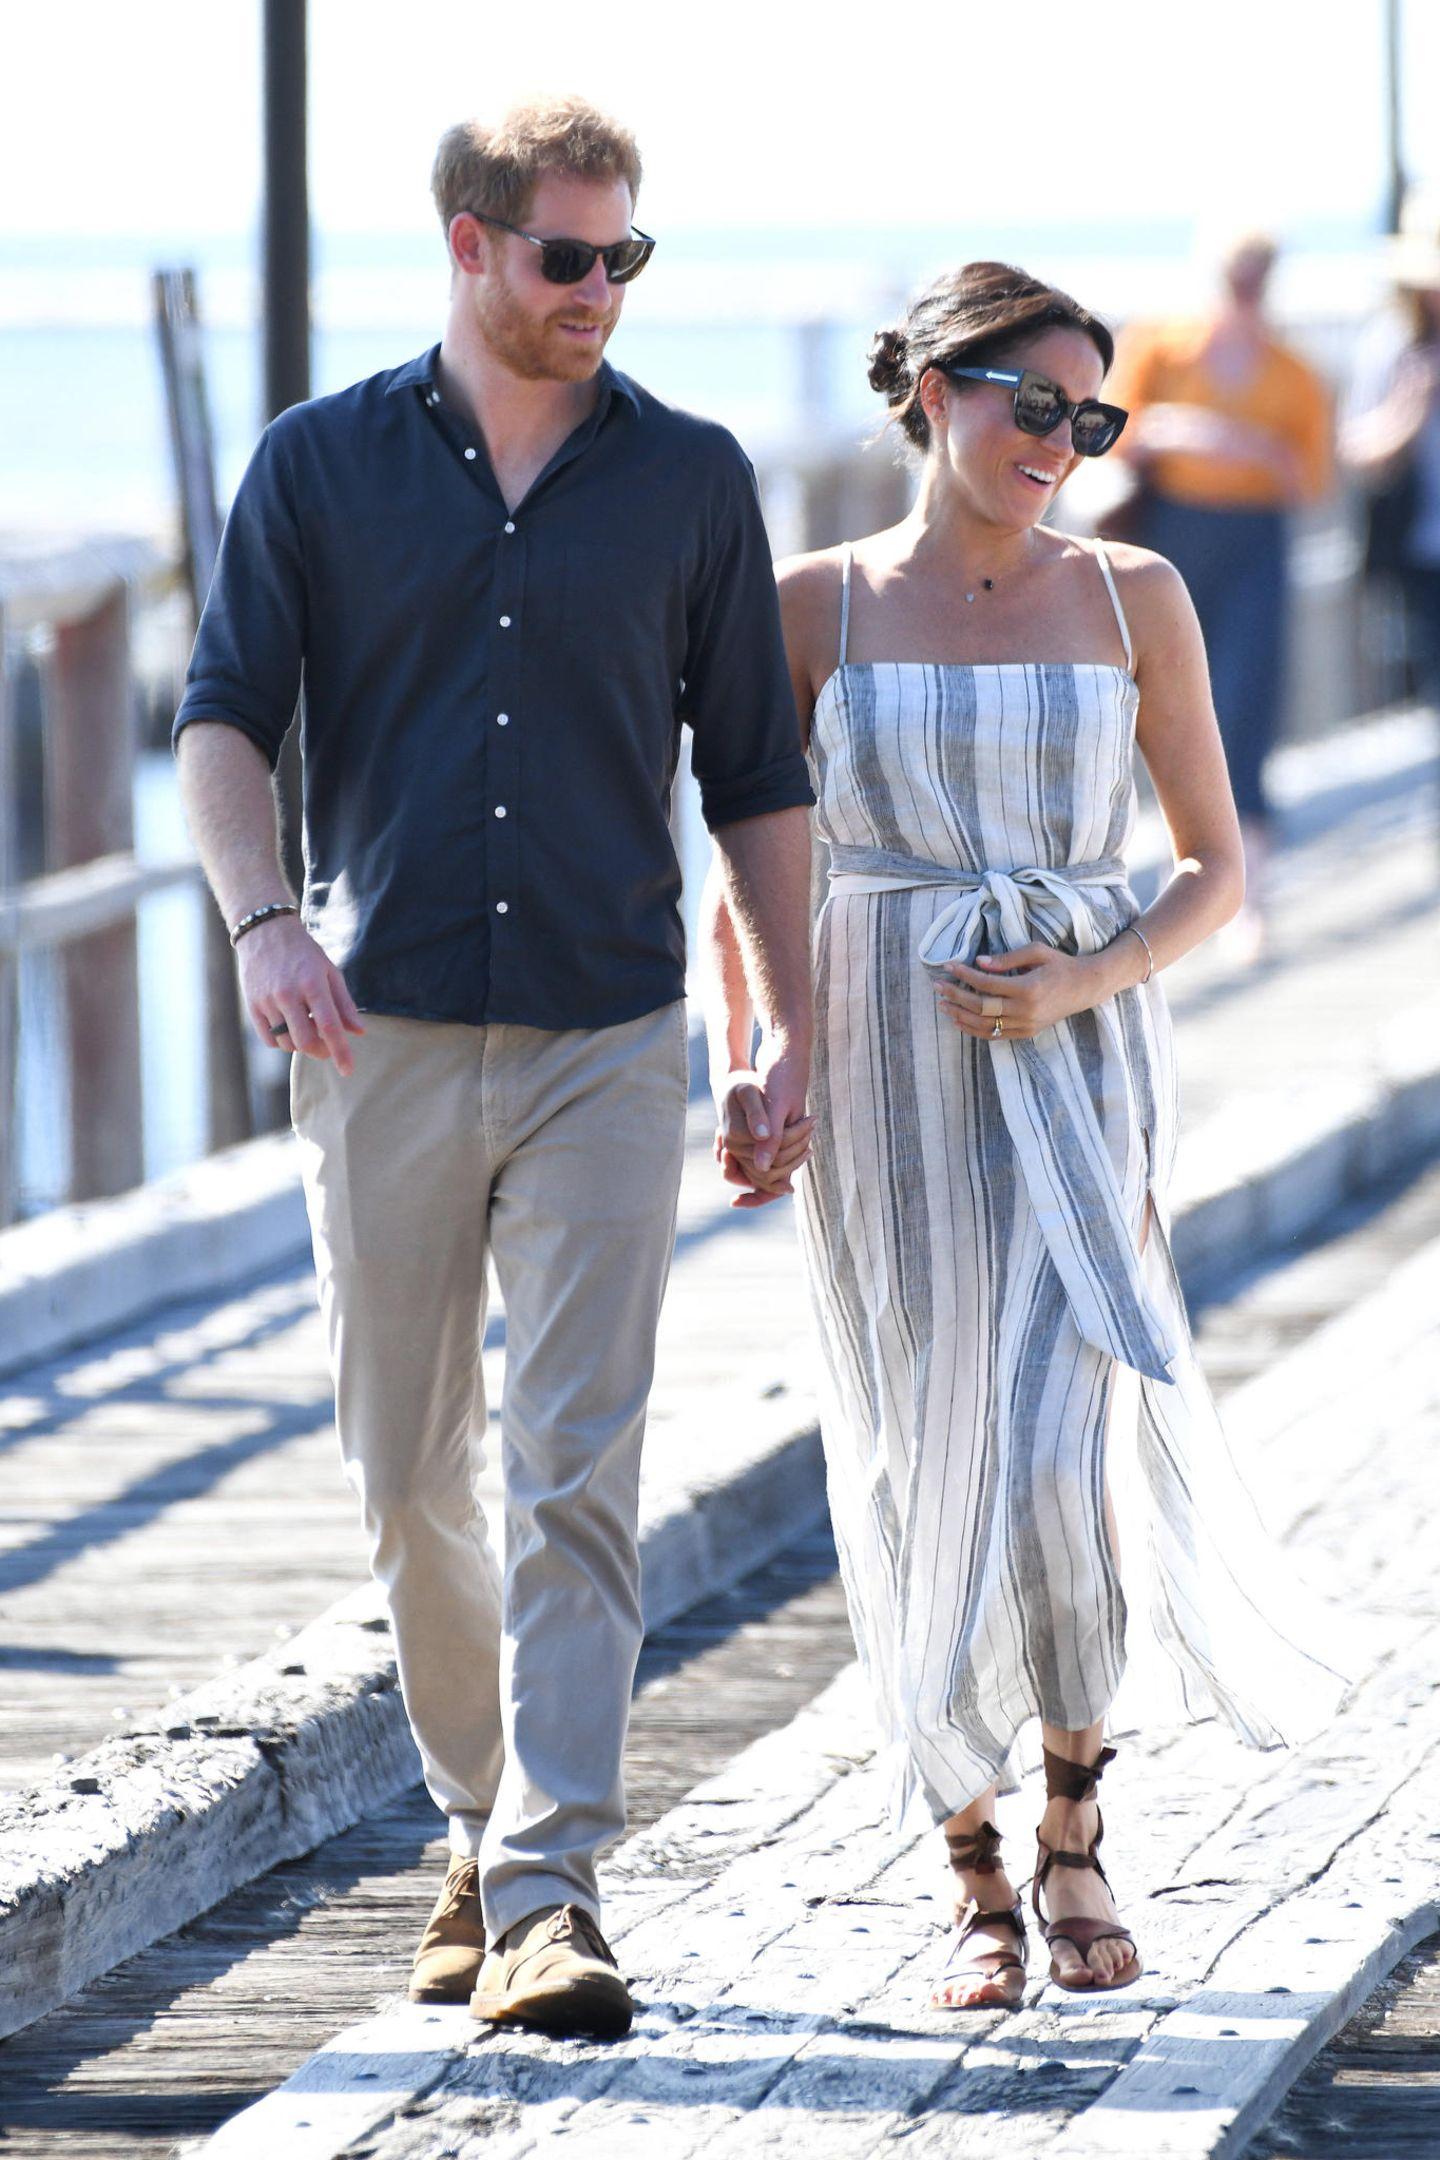 Tag 7  Prinz Harry und Herzogin Meghan bei ihrer Ankunftan der Kingfisher Bay Jetty auf der Insel Fraser. Immer wieder streichelt sich die schöne Amerikanerin über ihren Bauch.